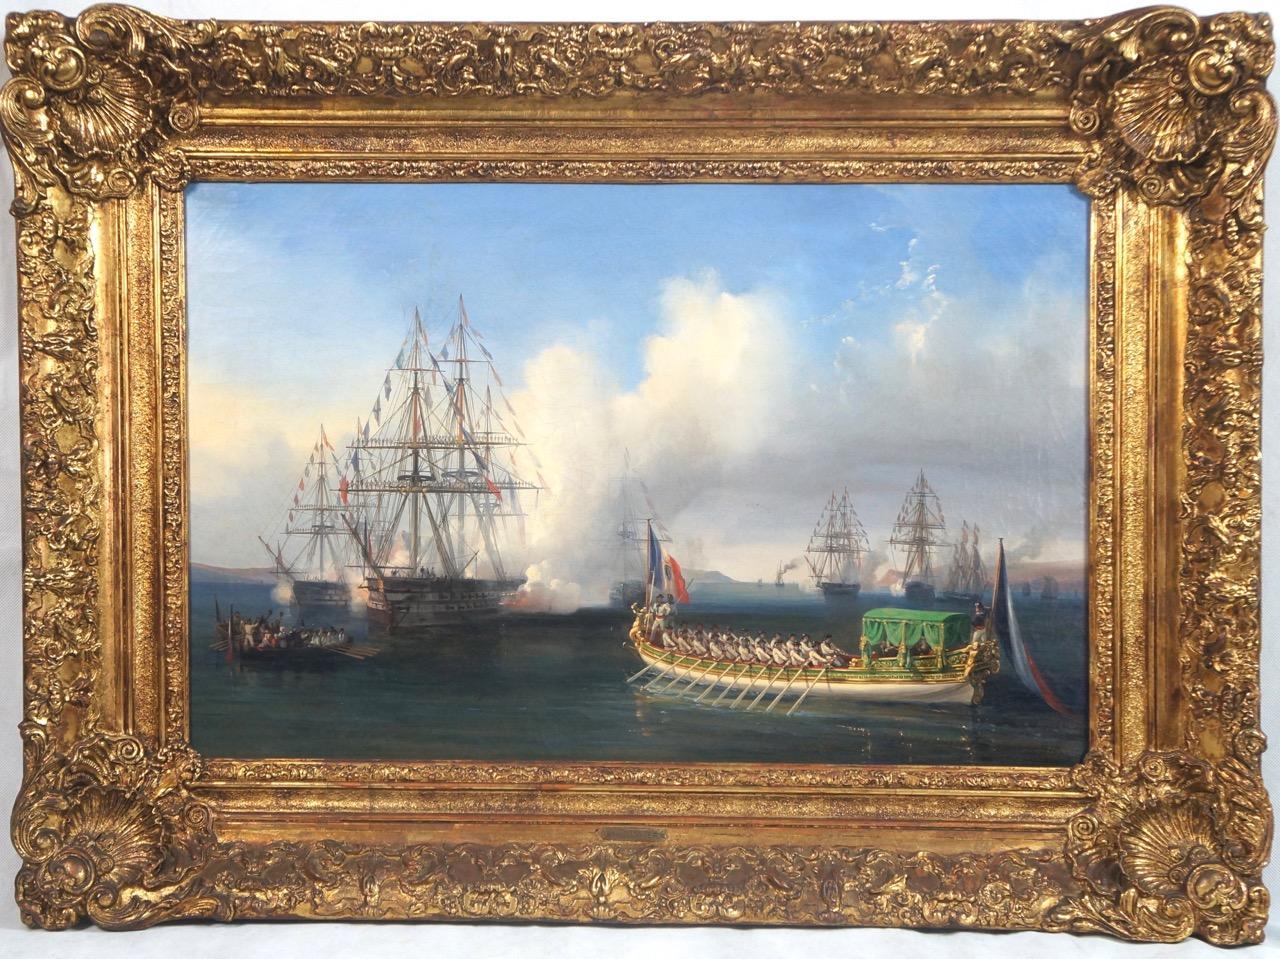 Atribuído à Auguste_Étienne_MMayer_PENDANT(1805-1890)_47X72cm(2)